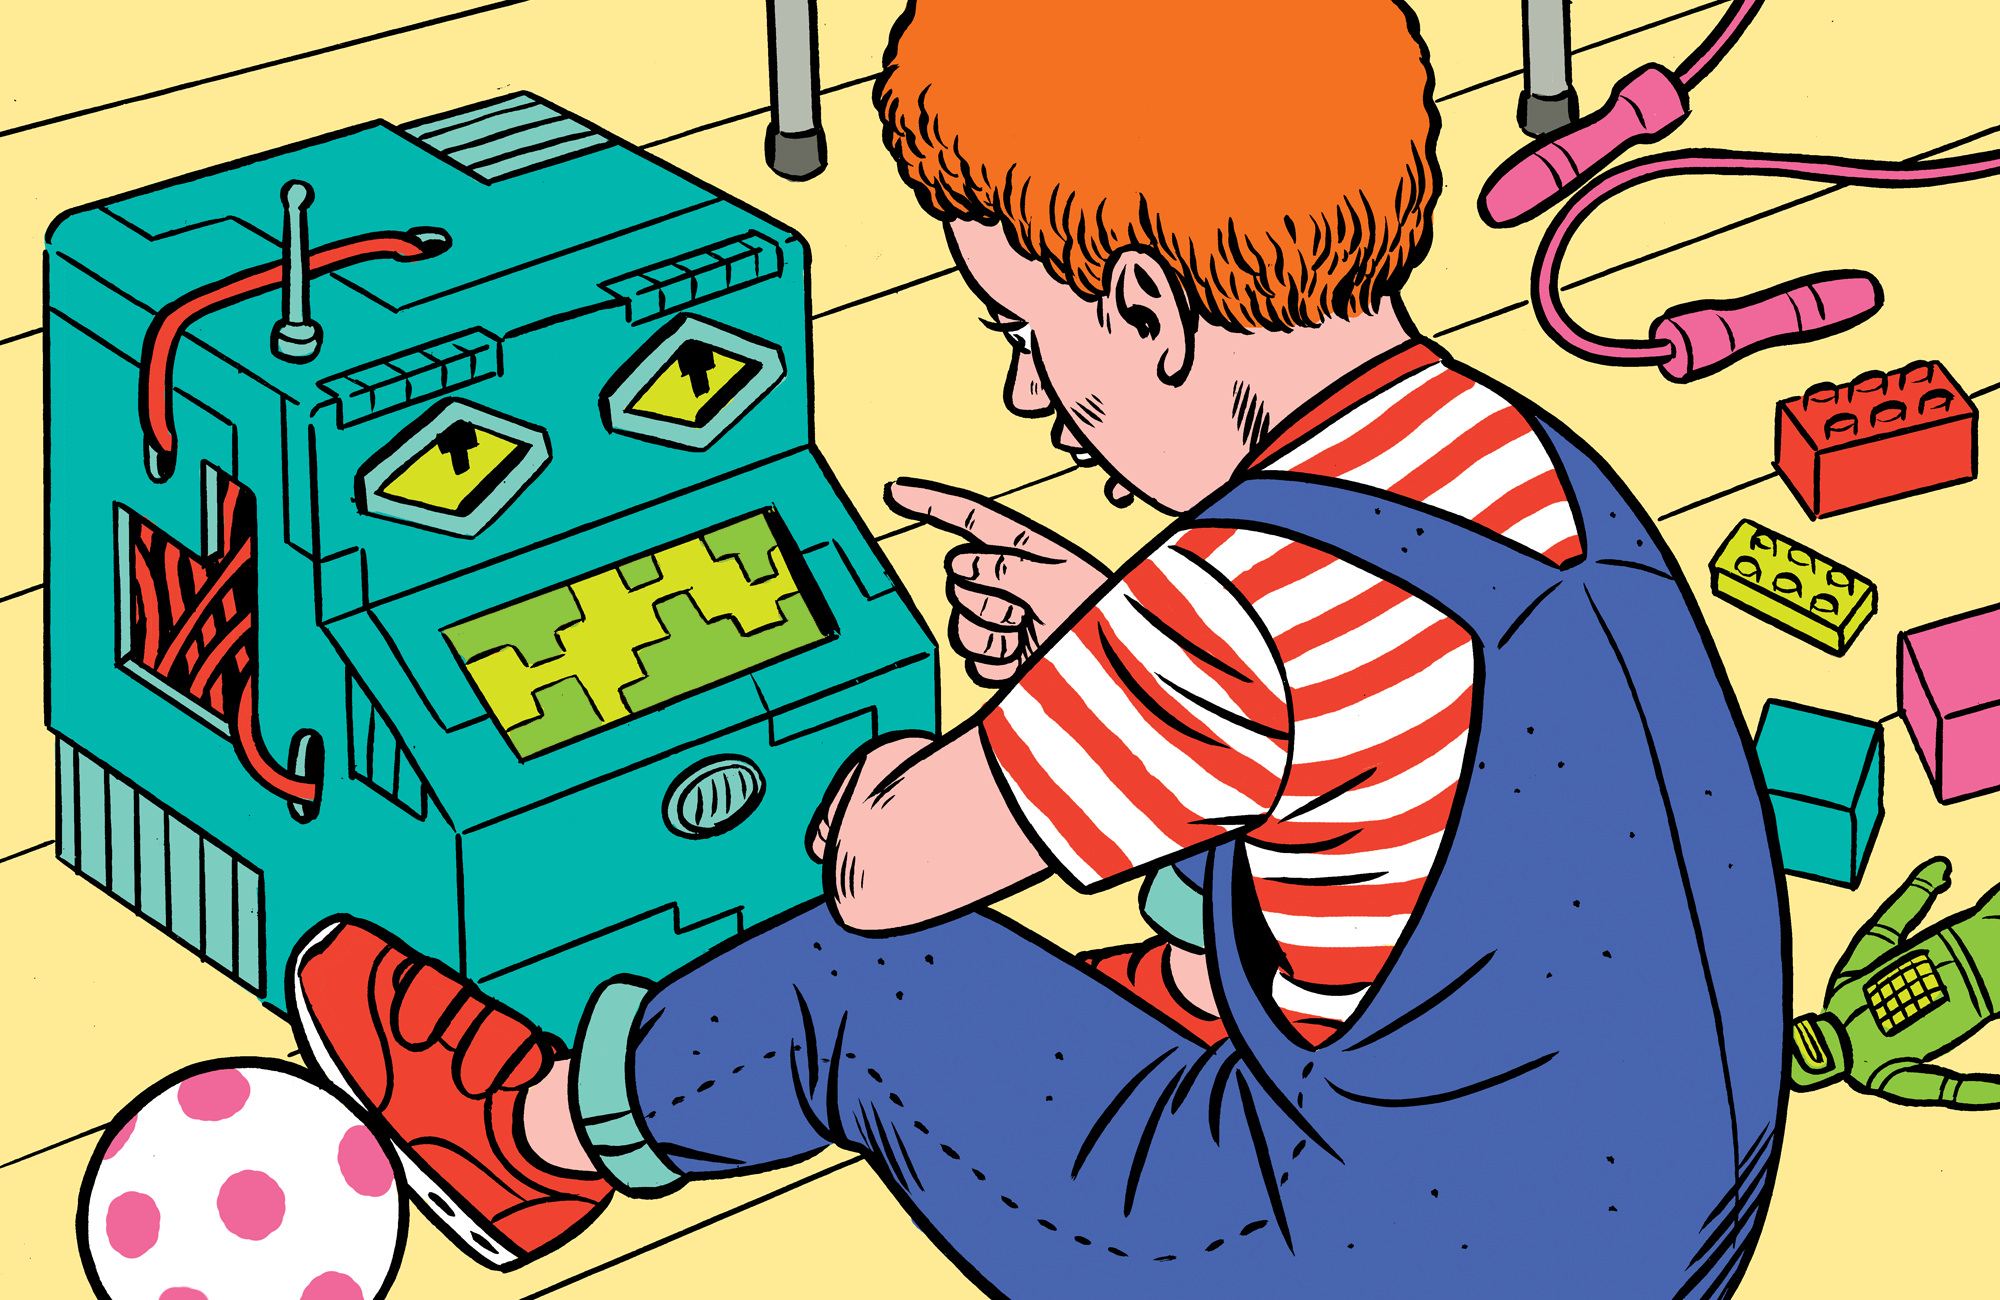 Dětství suměle inteligentní asistentkou